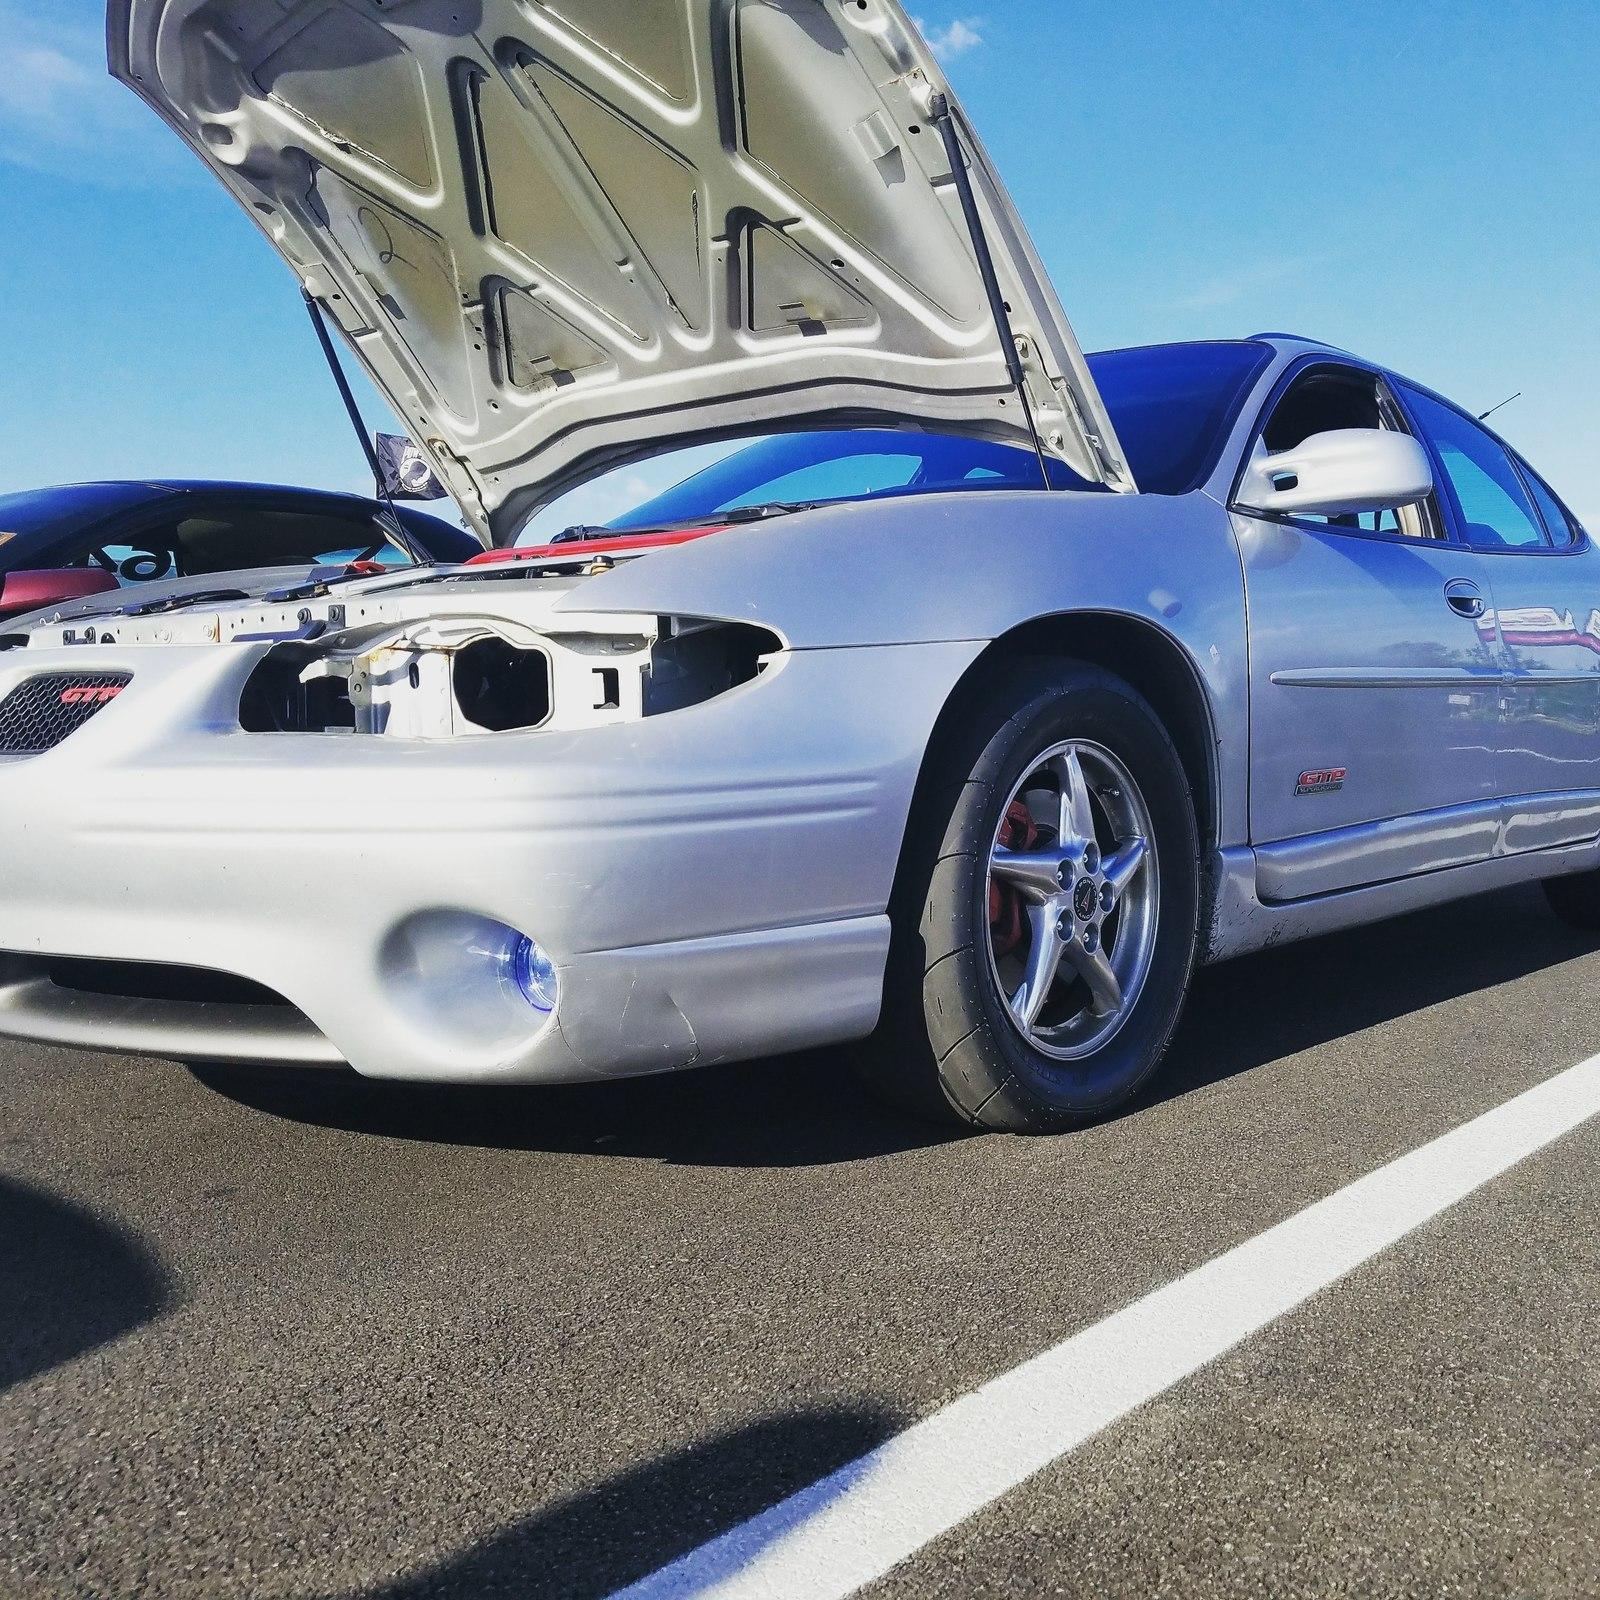 2002 Pontiac Grand Prix Gt >> 2002 Pontiac Grand Prix Gtp 1 4 Mile Trap Speeds 0 60